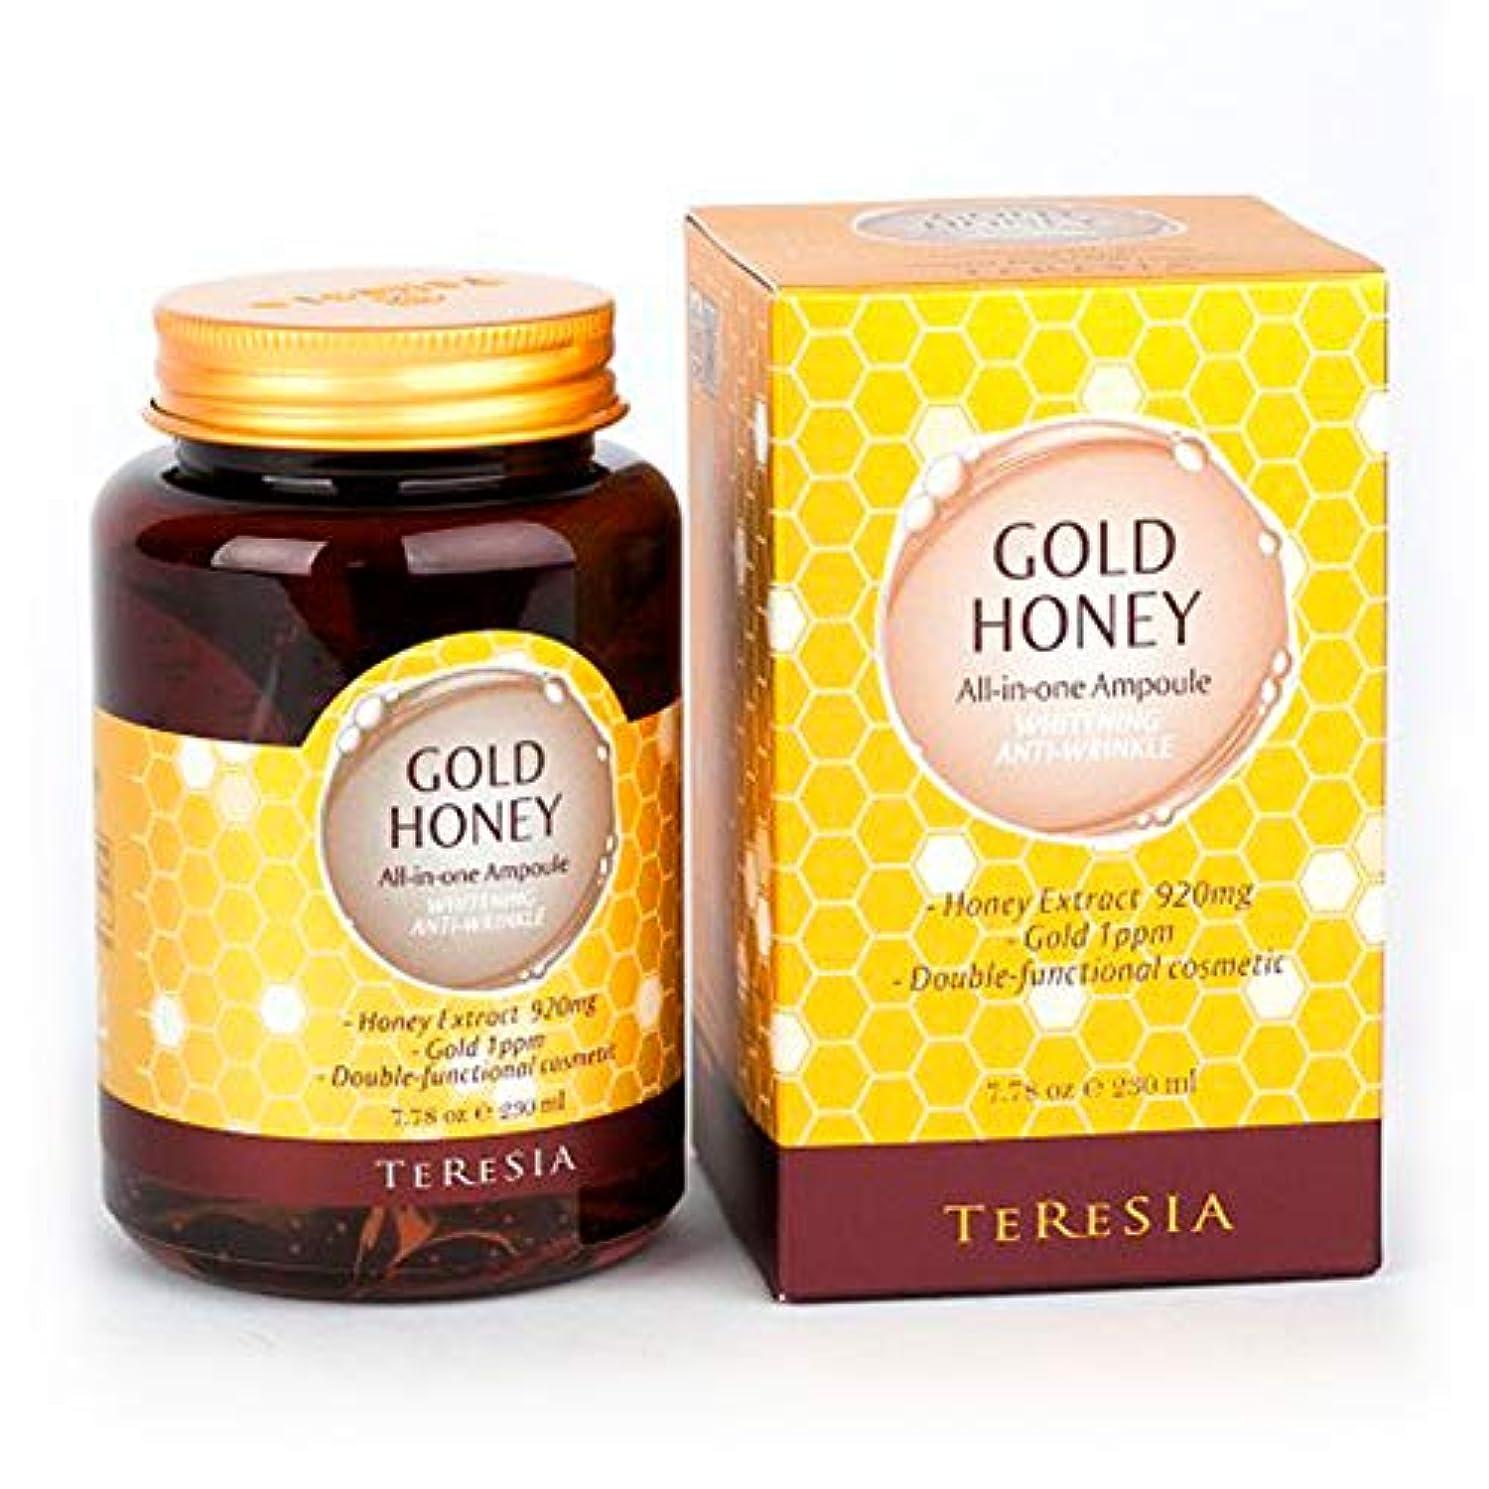 調停者サイバースペース動員する[(テルシア)TERESIA] テルシア·ゴールドハニー大容量 230ml オールインワン·アンプル シワ,美白二重機能性化粧品